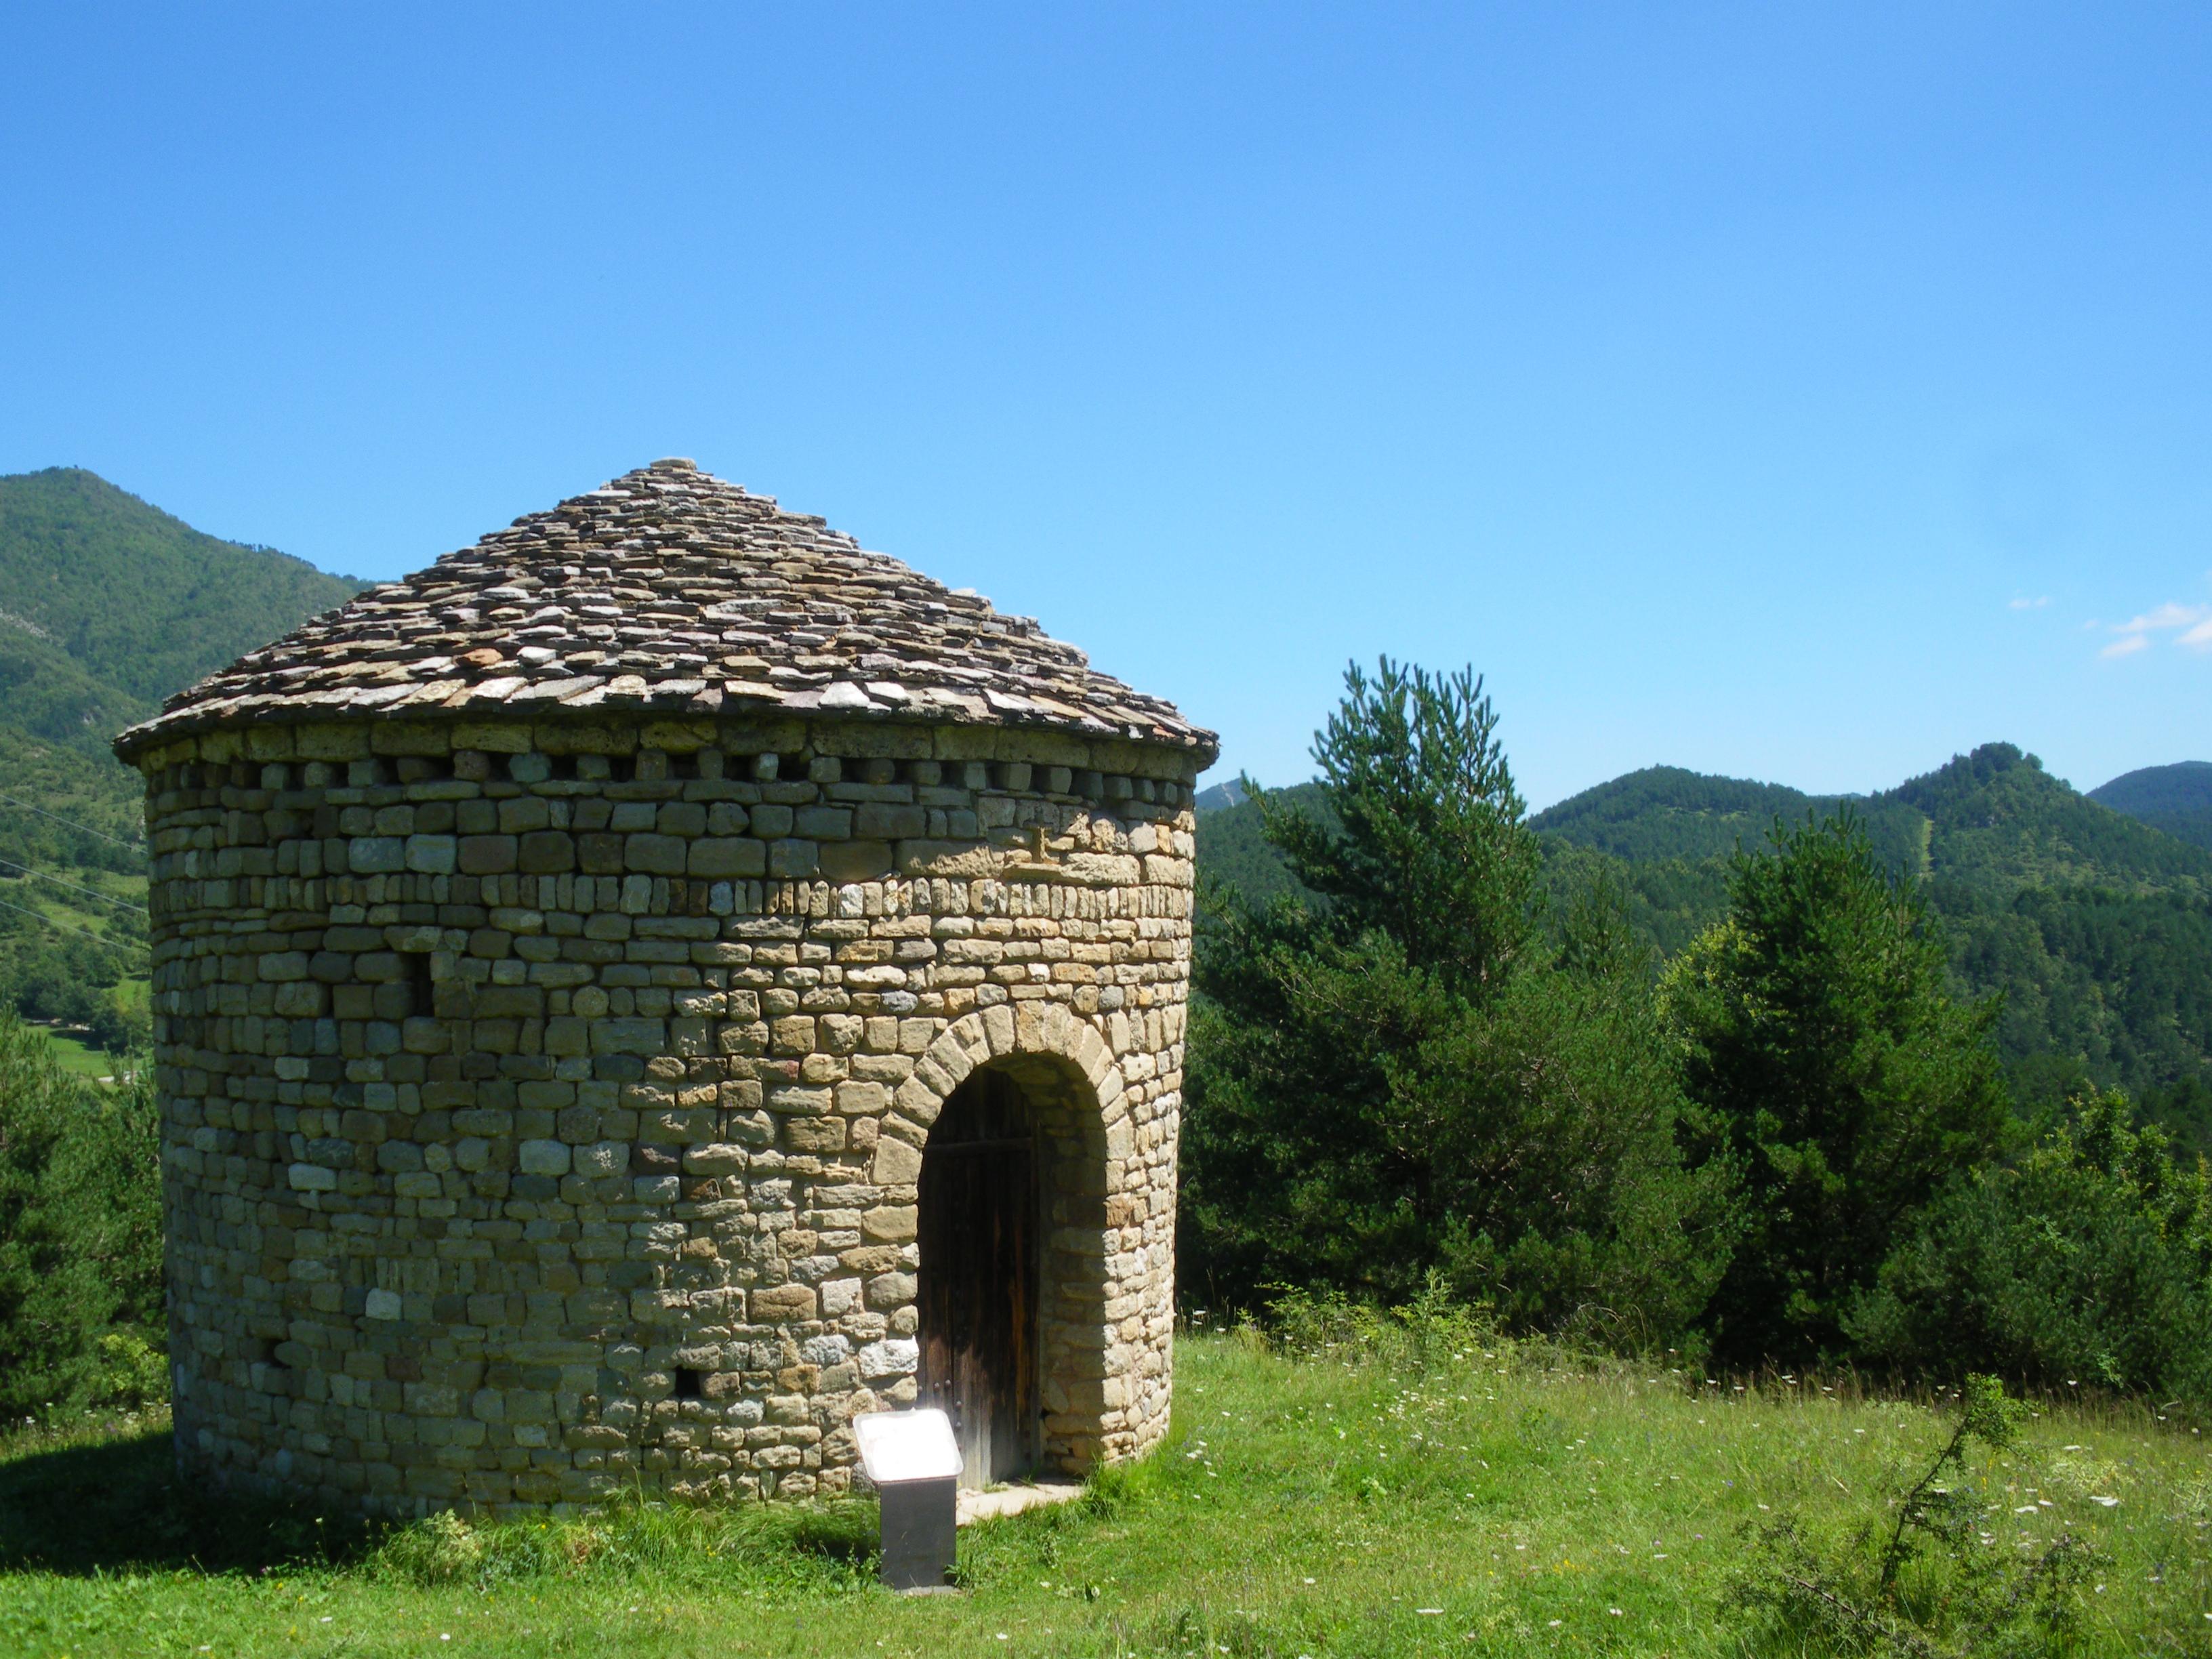 Ruta del romànic al Berguedà, Alt Berguedà, Catalunya